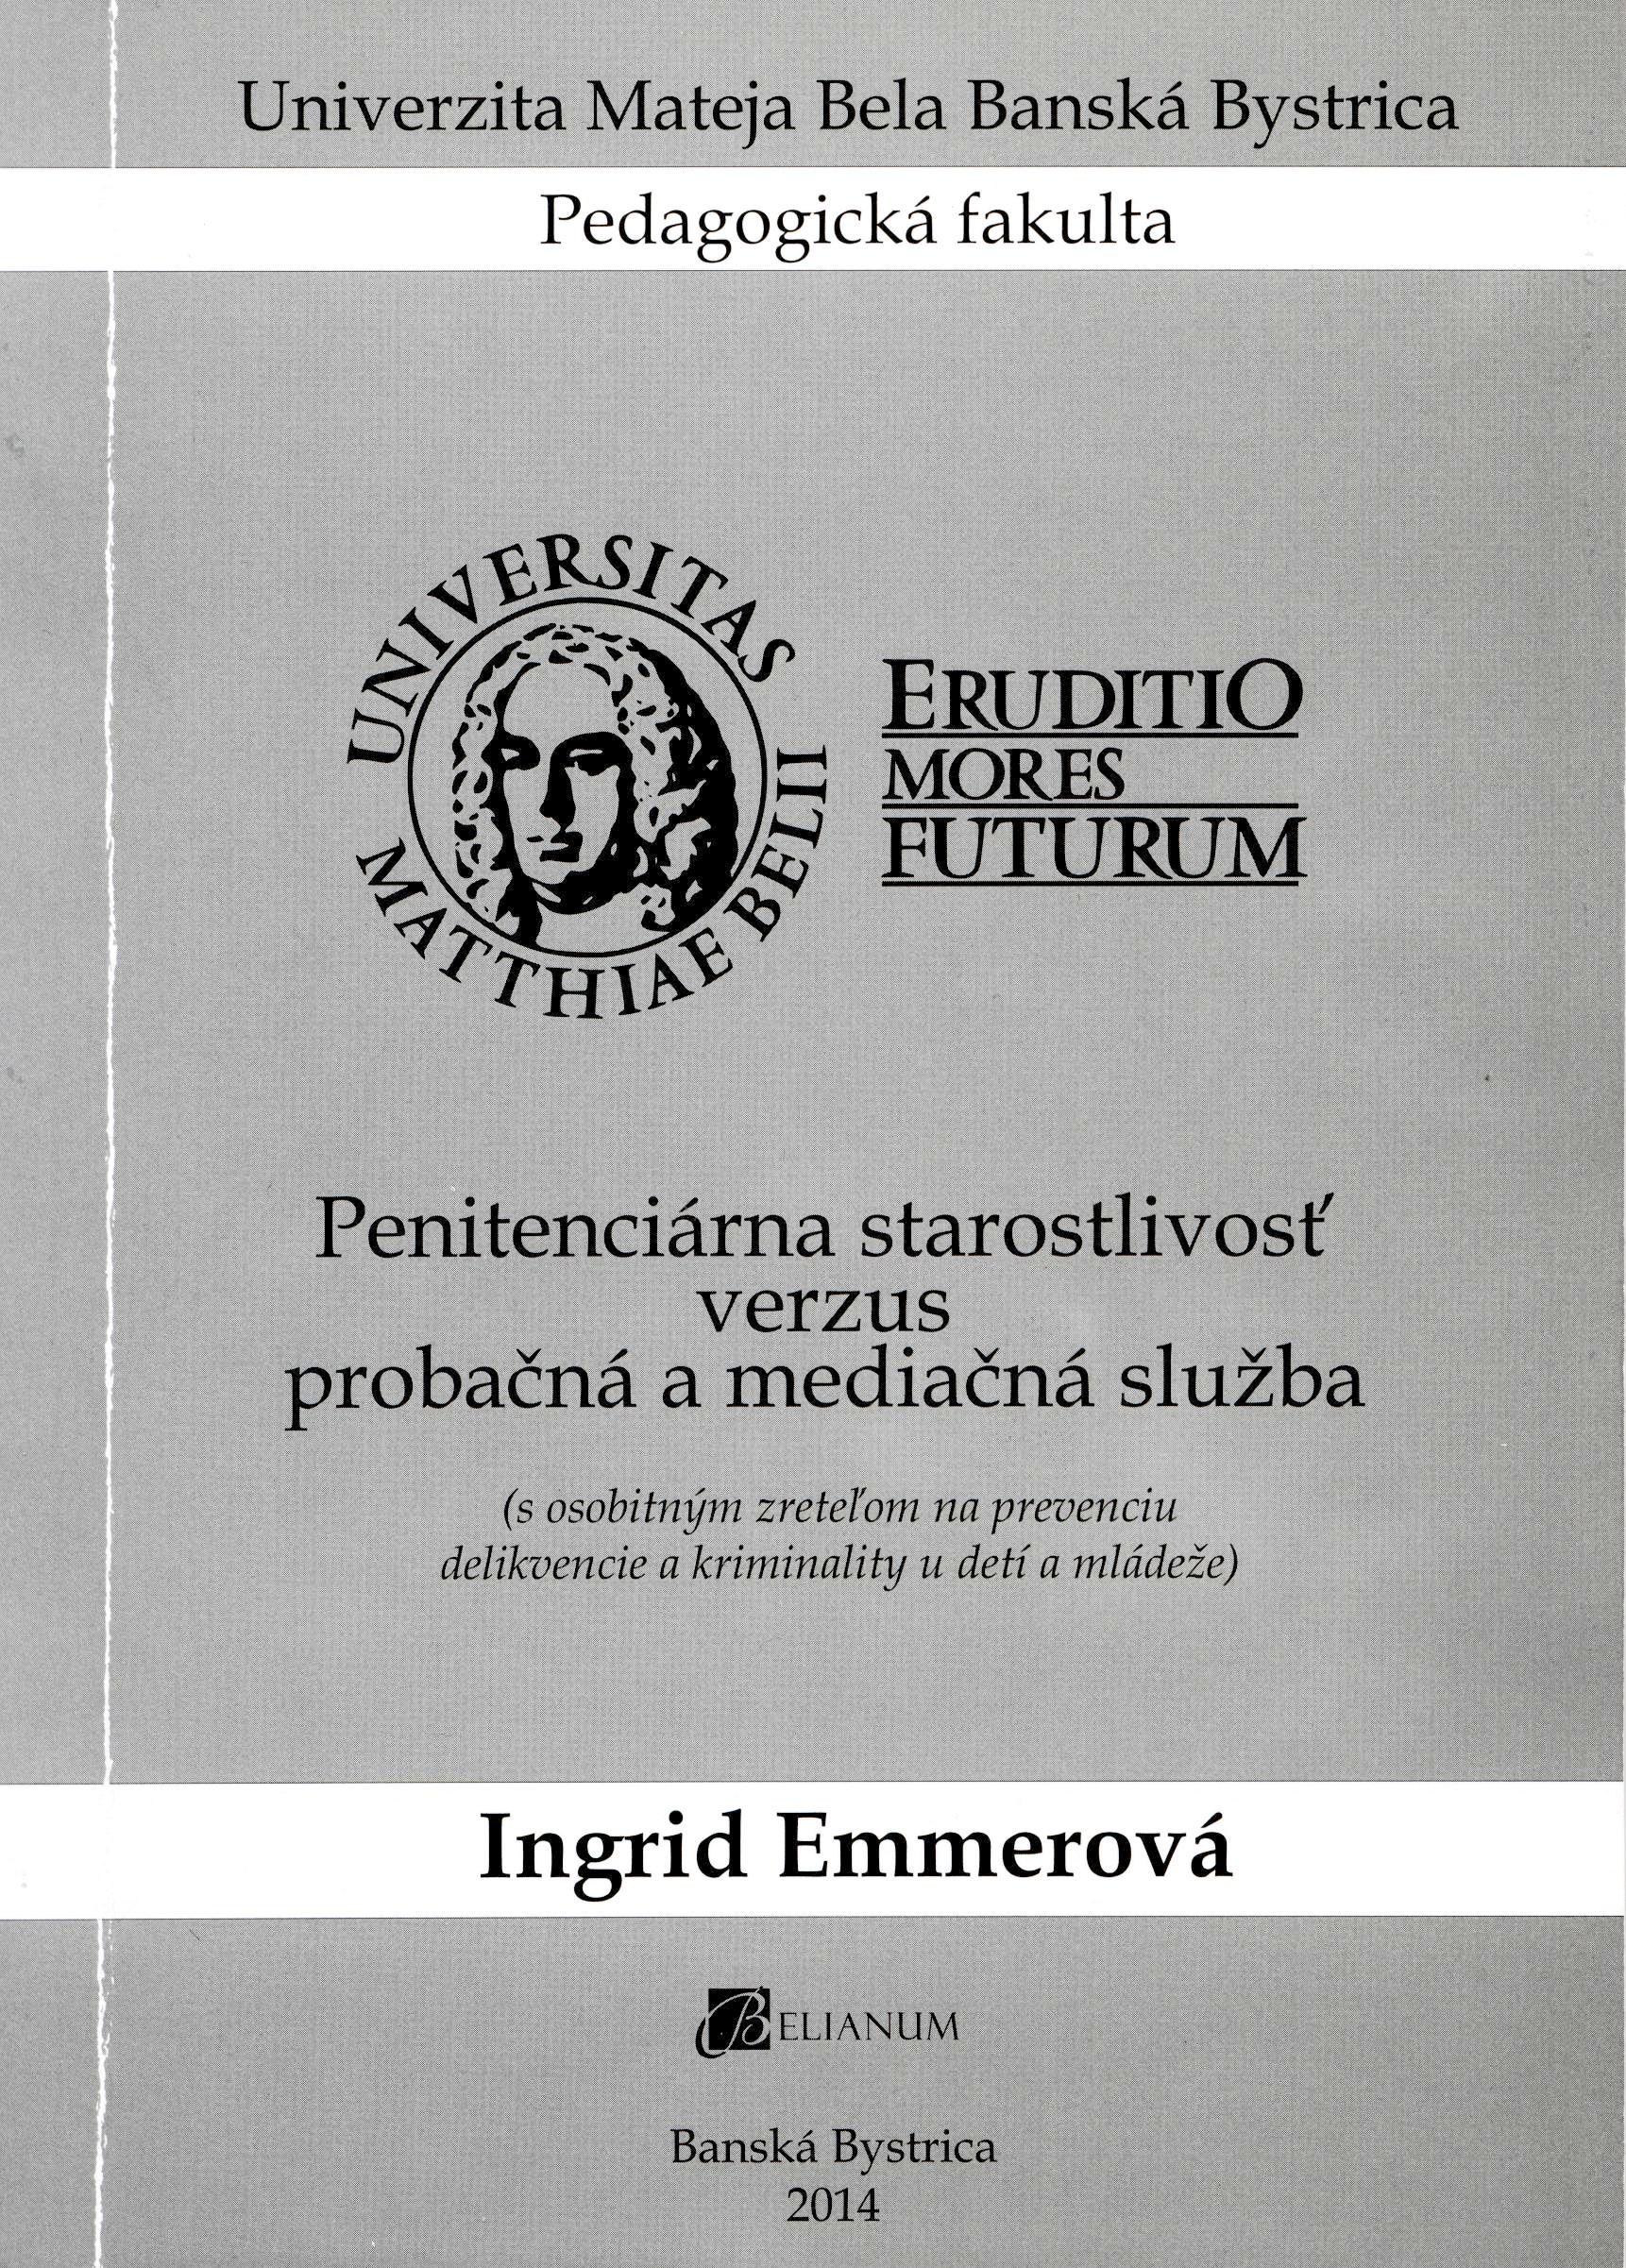 Penitenciárna starostlivosť verzus probačná a mediačná služba (s osobitným zreteľom na prevenciu delikvencie a kriminality u detí a mládeže)